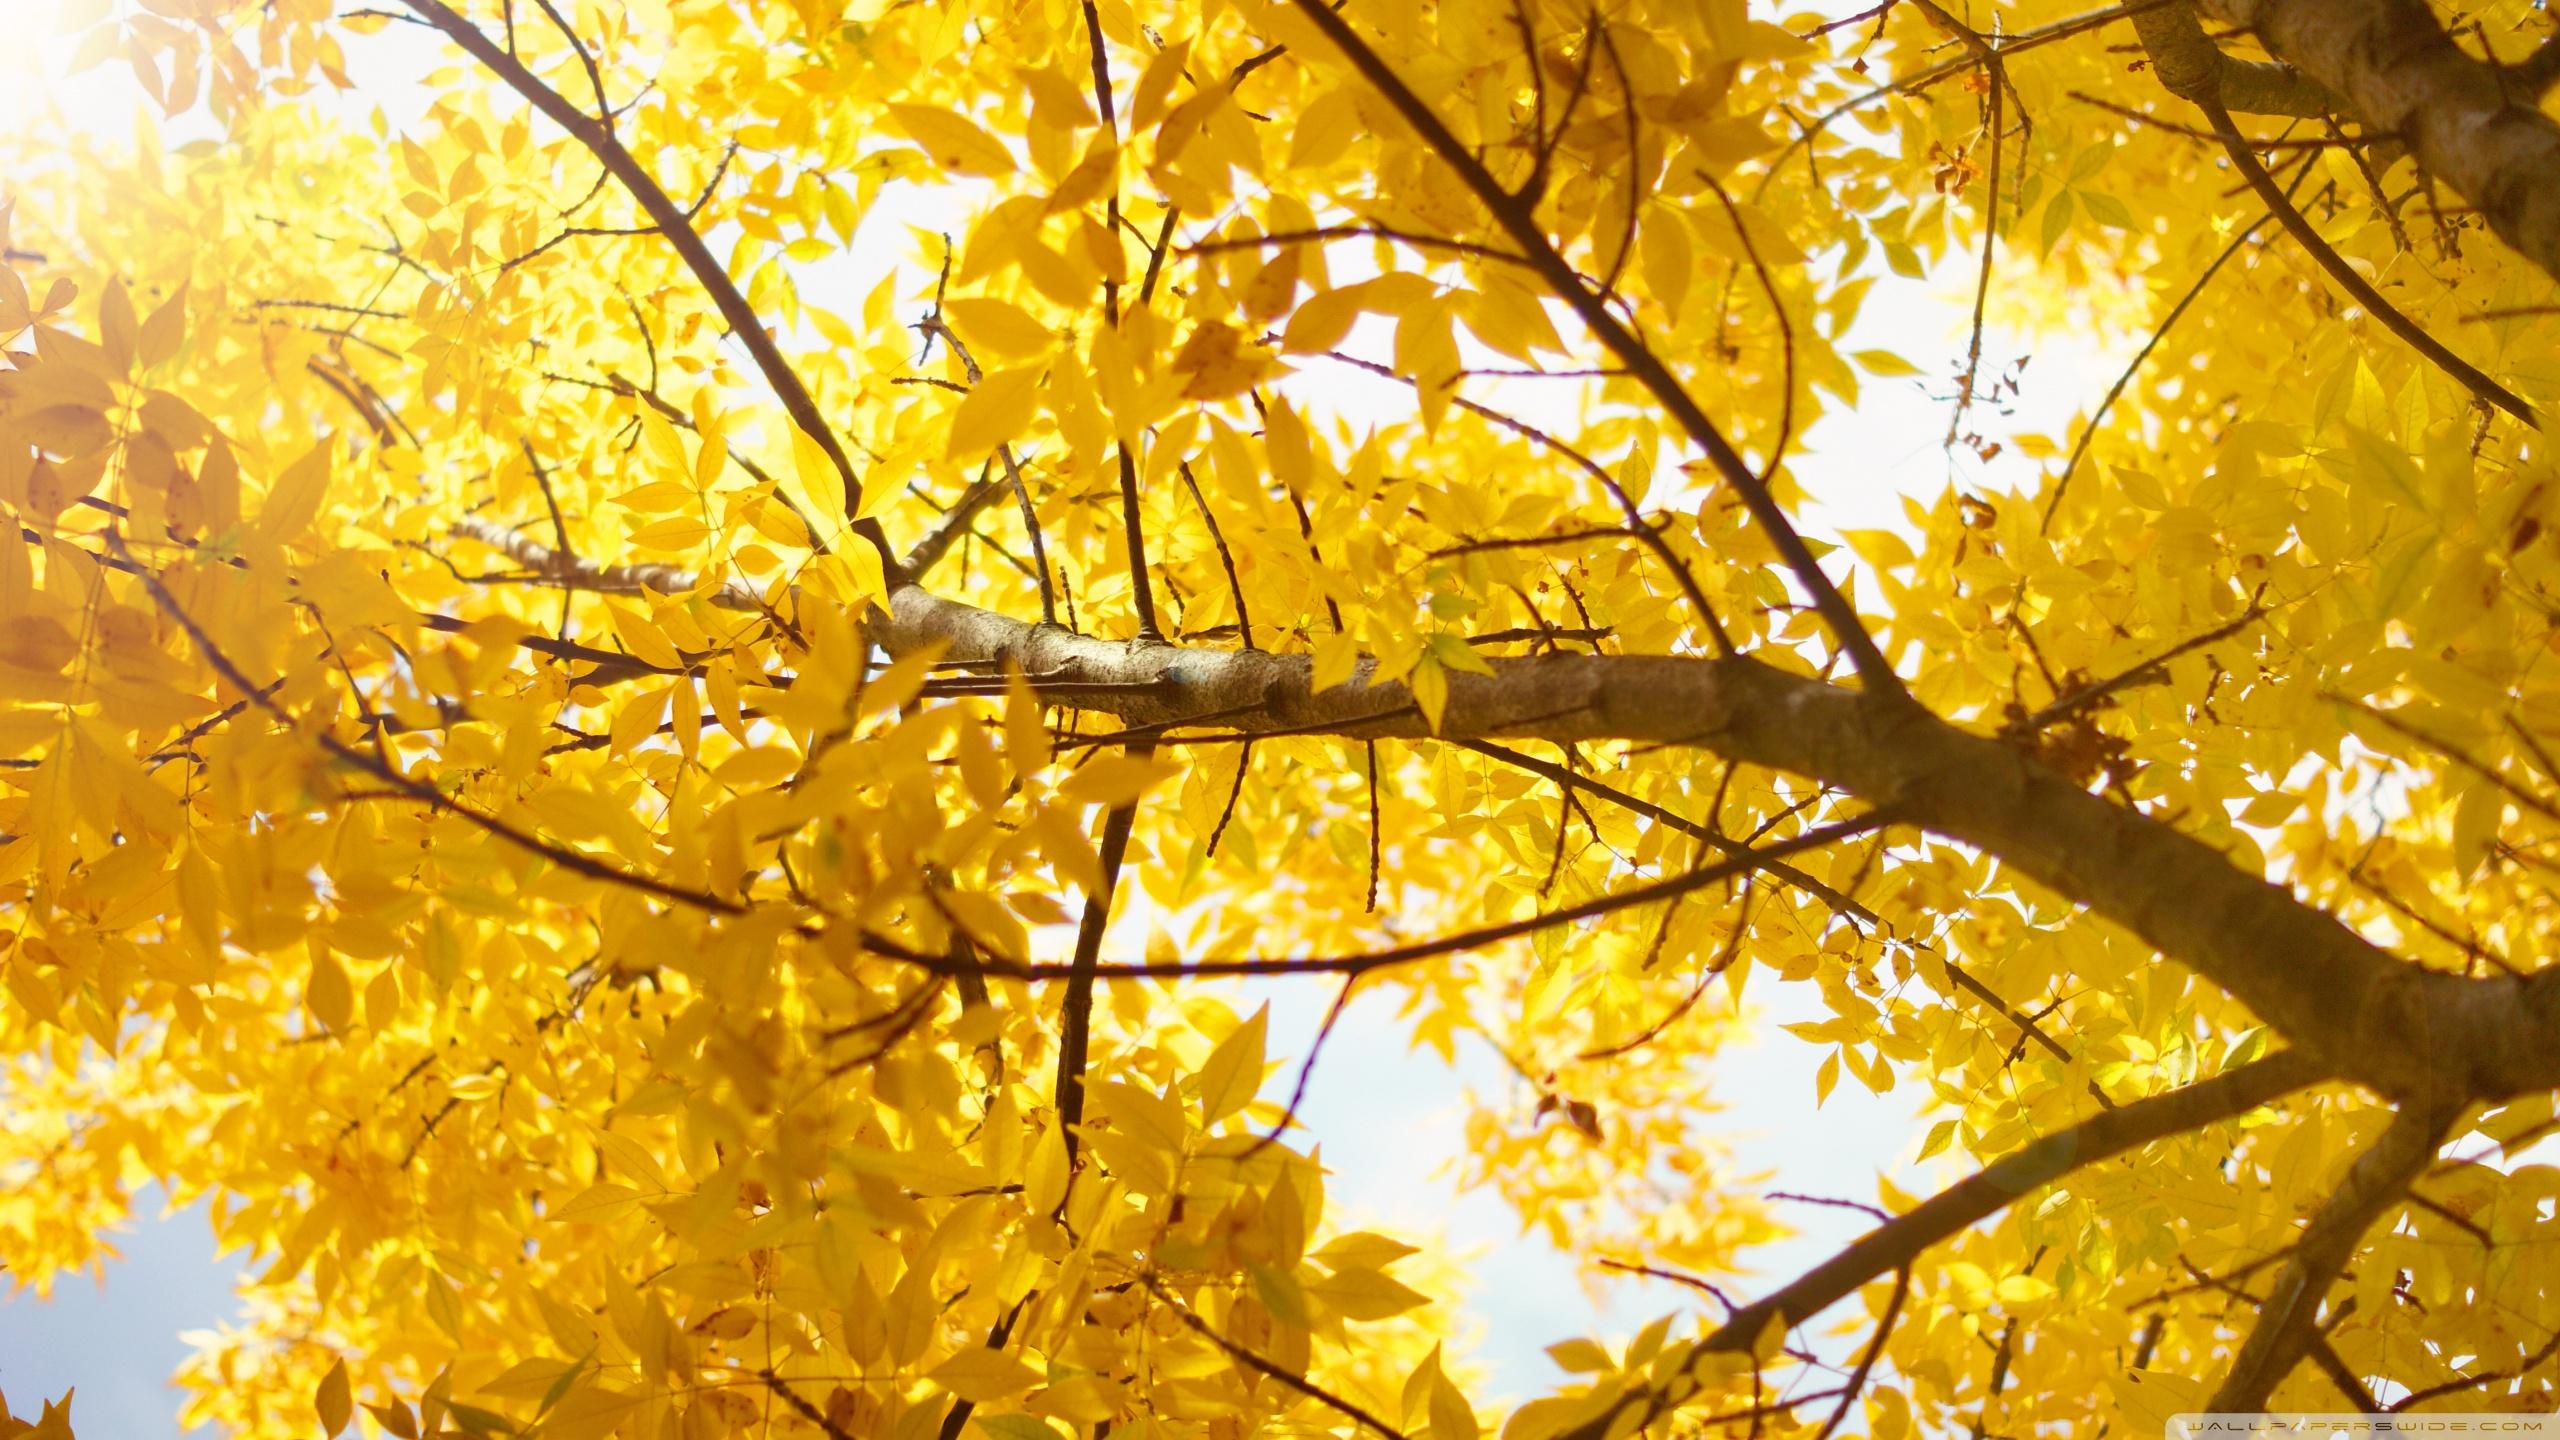 Hình nền vàng lá cây mùa thu vàng rực rỡ